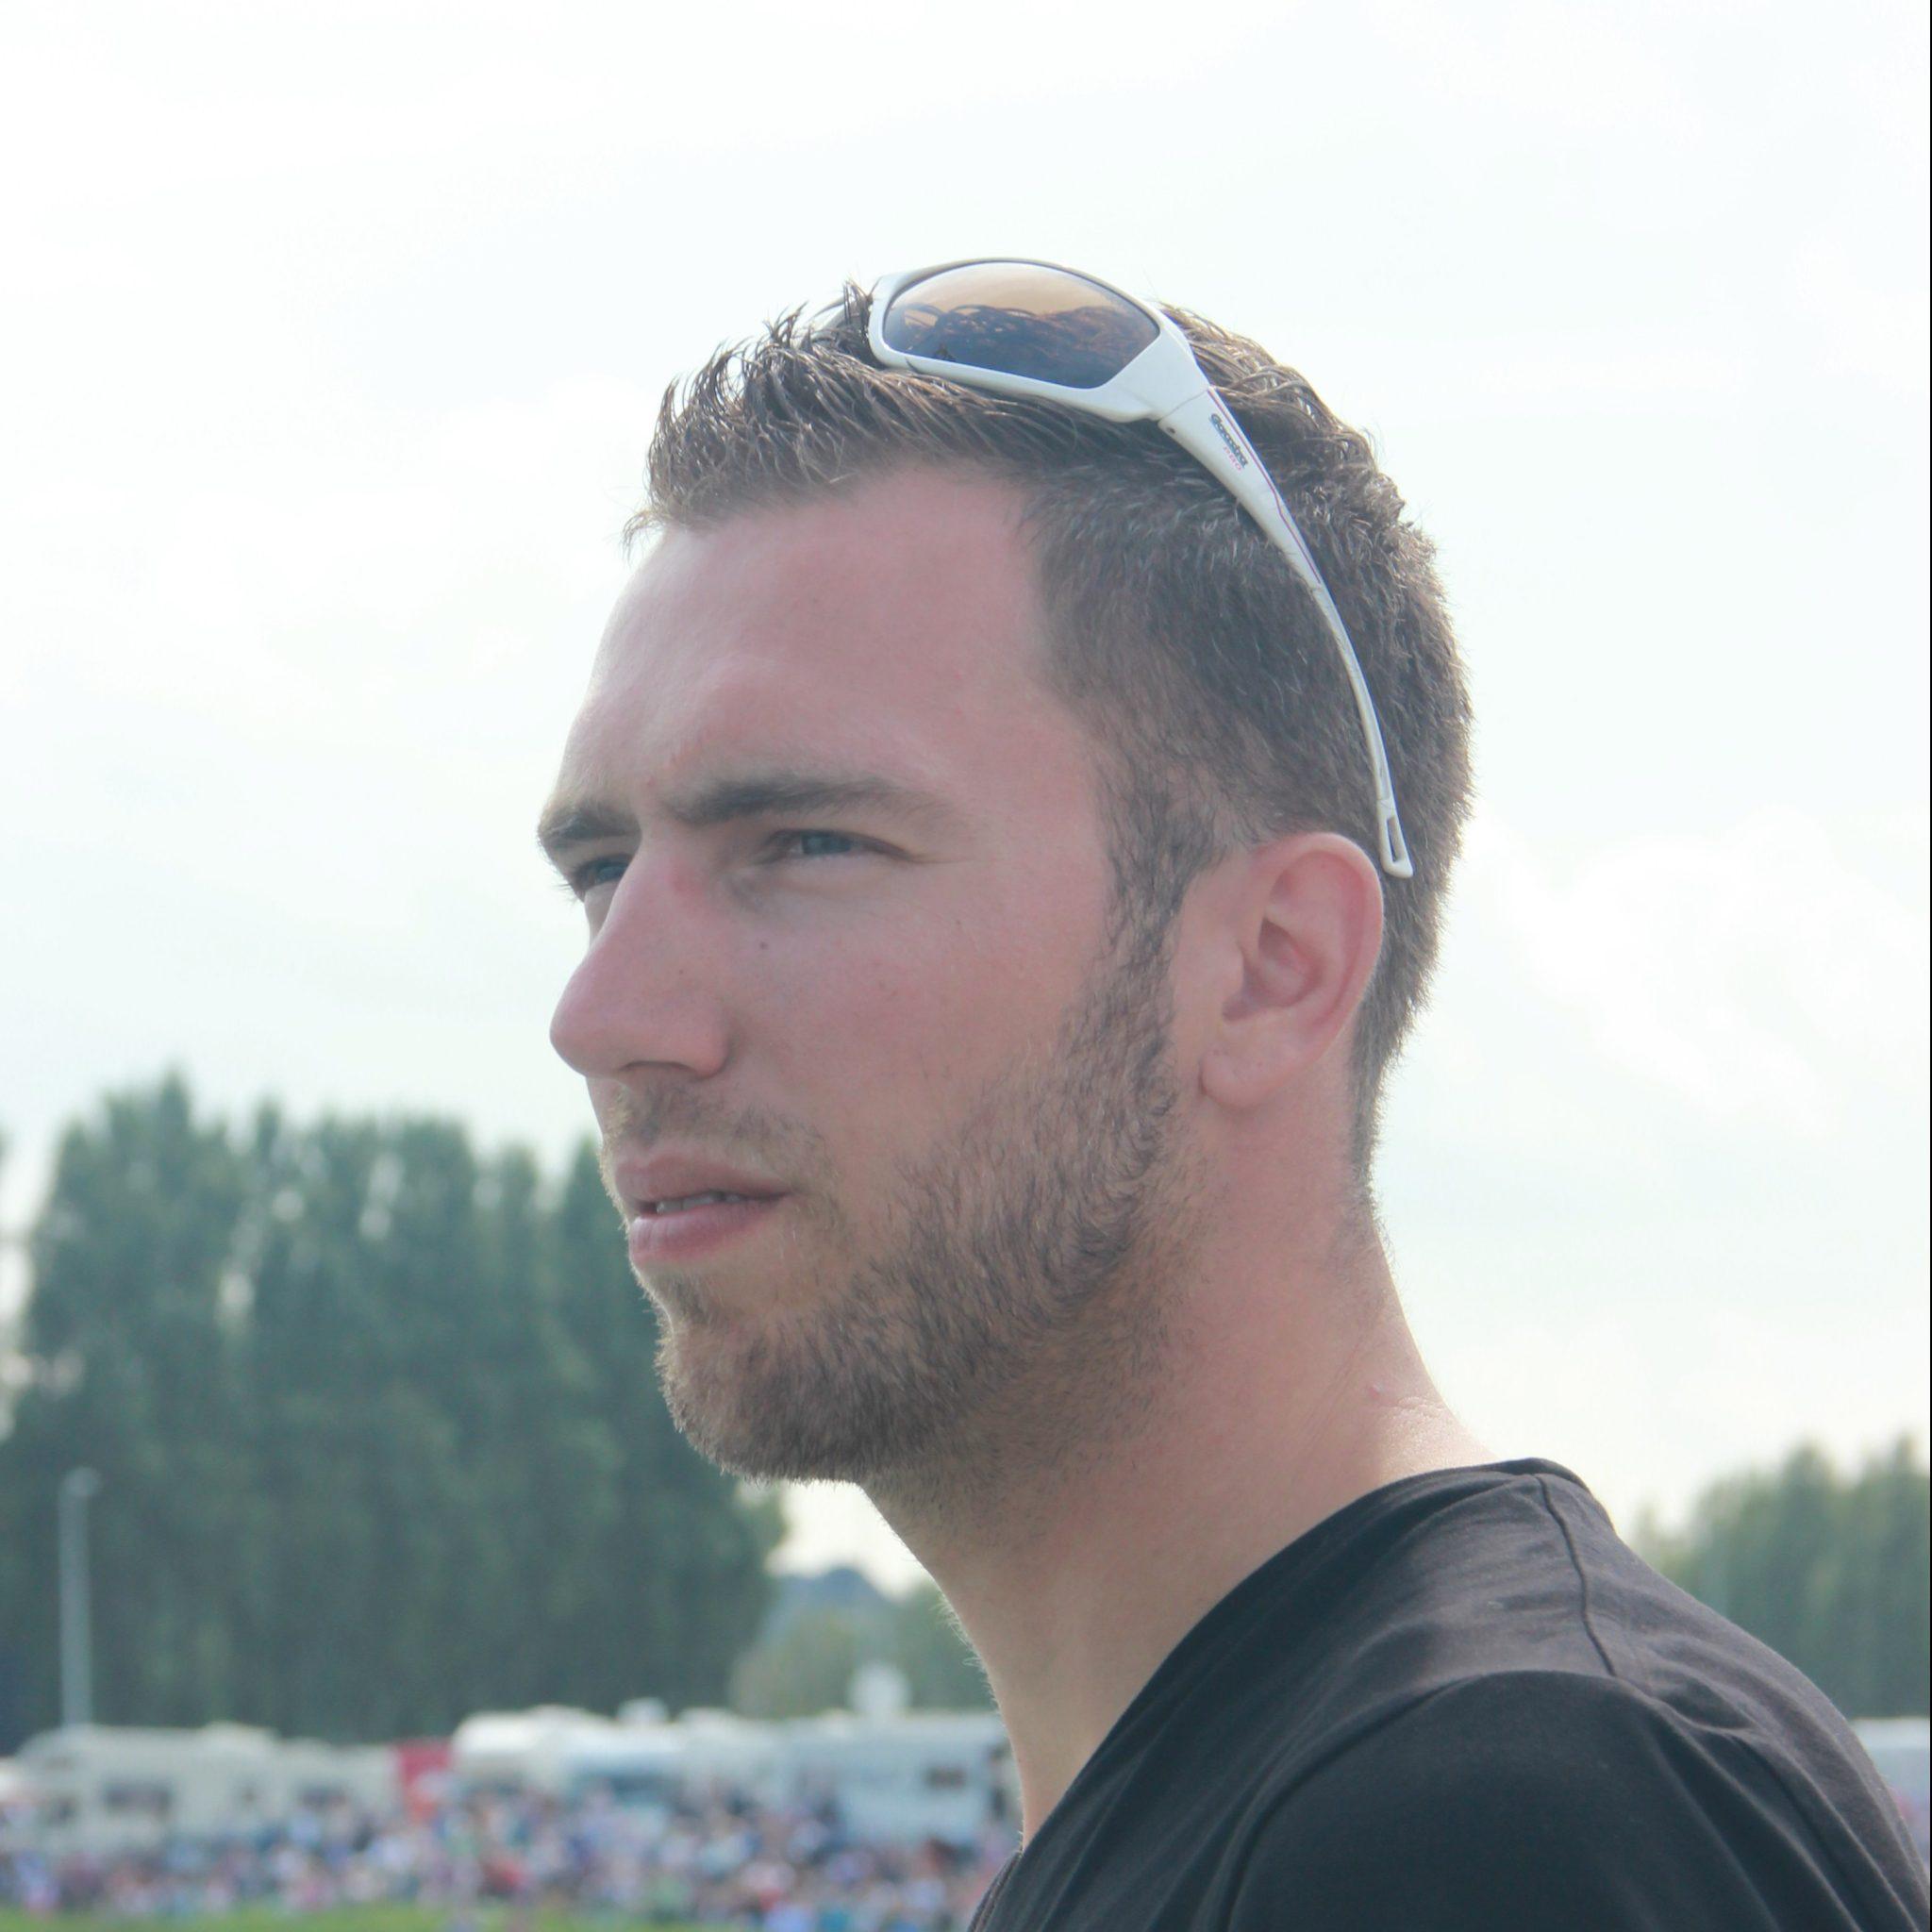 Teamfoto - Henk